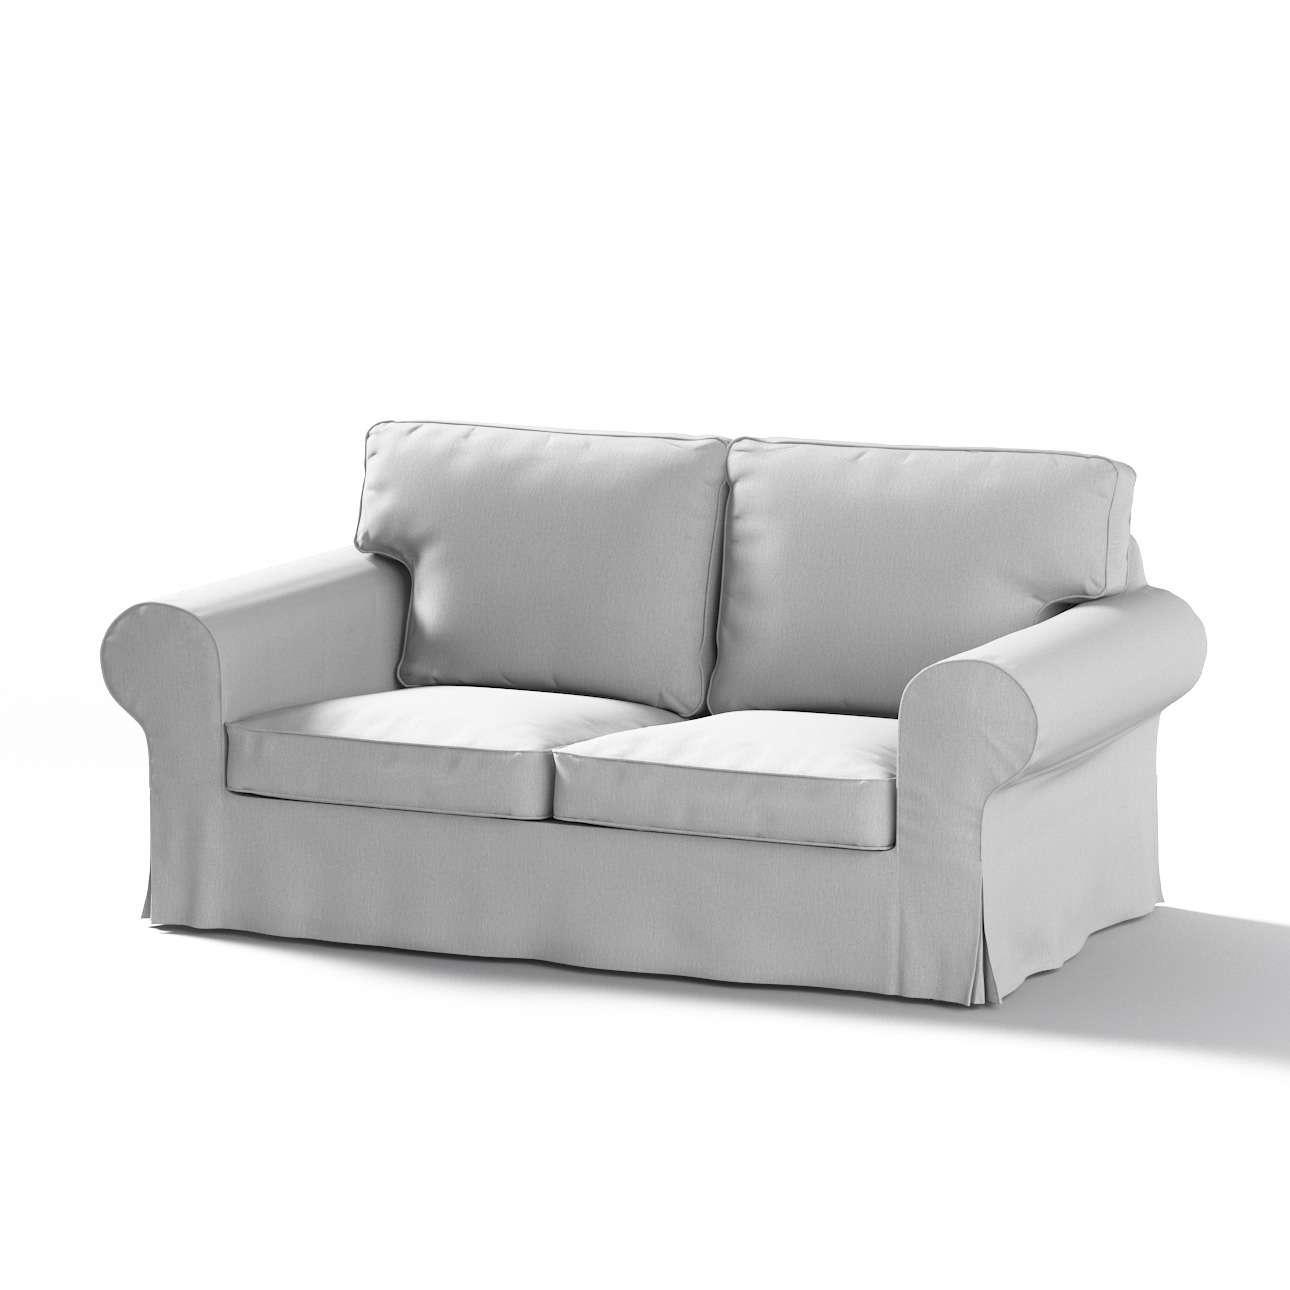 Pokrowiec na sofę Ektorp 2-osobową, rozkładaną, model do 2012 w kolekcji Chenille, tkanina: 702-23